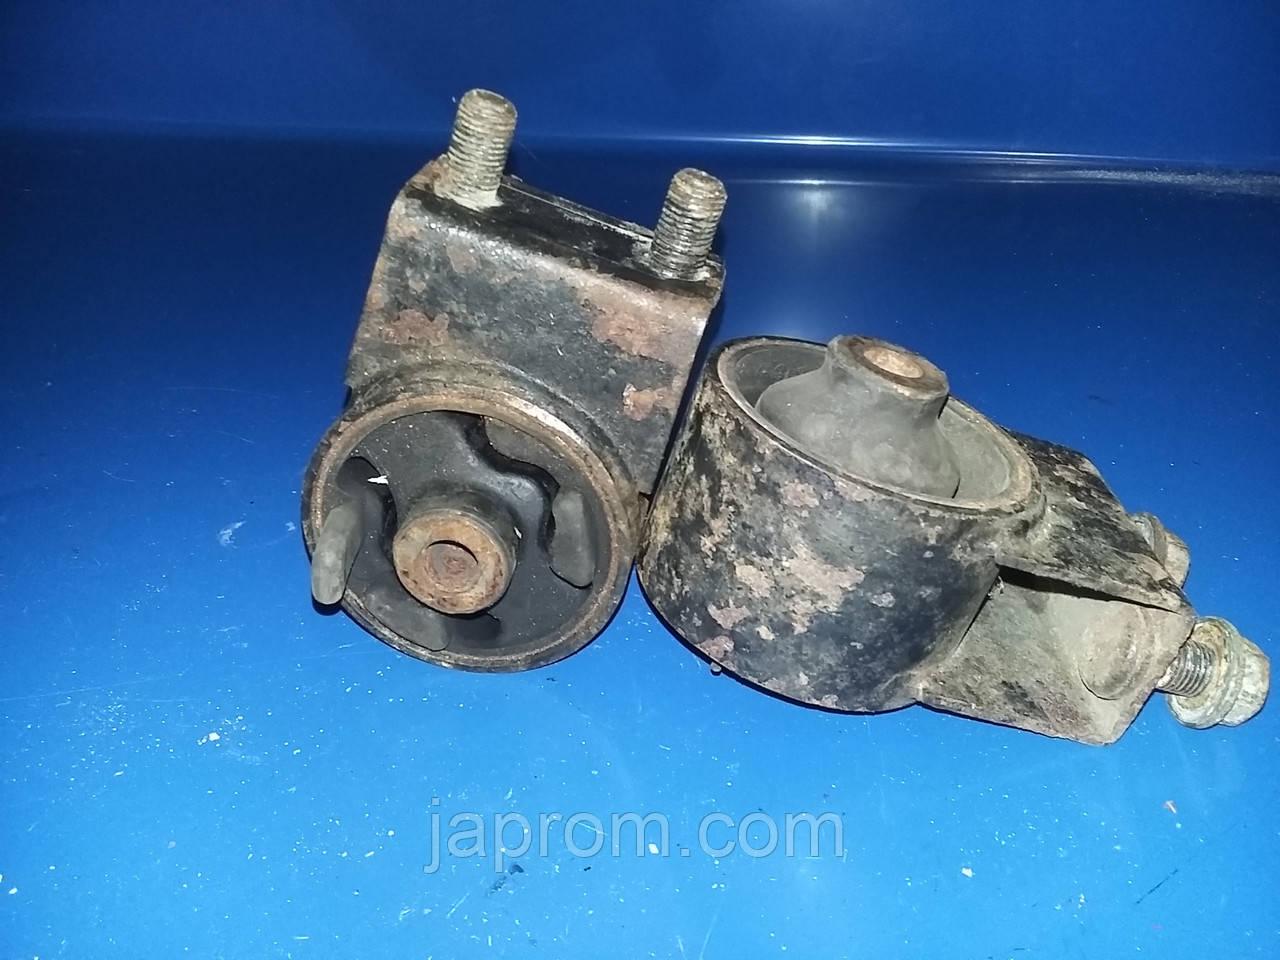 Подушка (опора) двигателя передняя Mazda 626 GE Xedos 6 1992-1997-2002г.в. МКПП 2,0 бензин